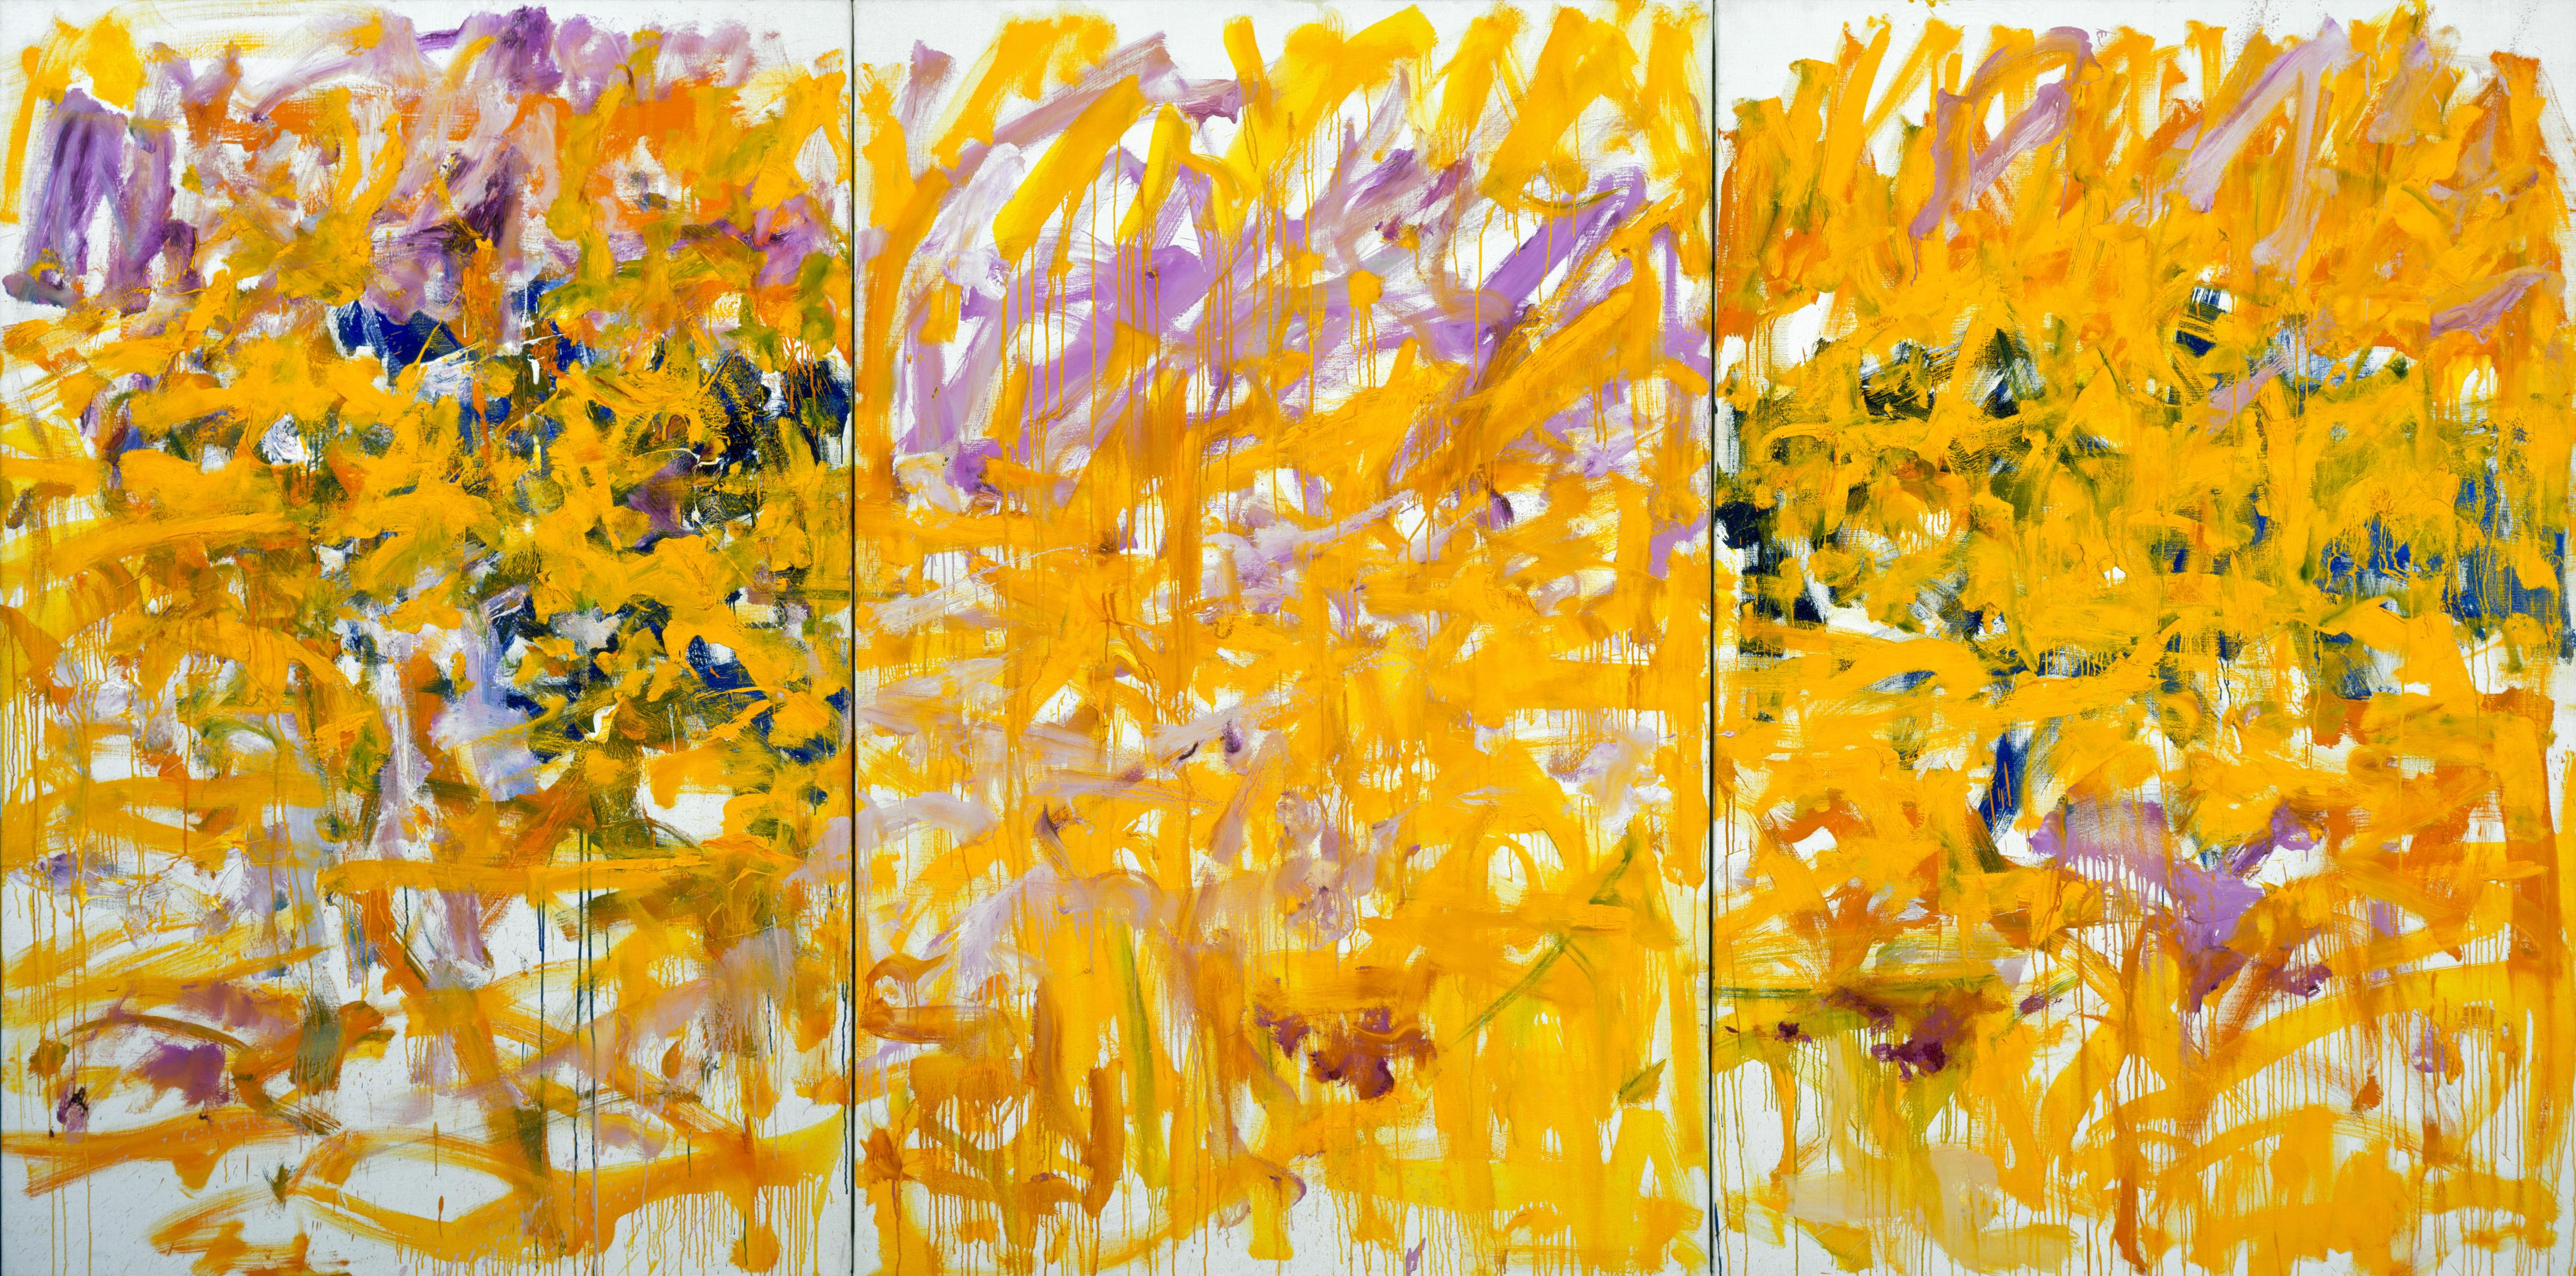 FragmentsofaLandscape20200126_01